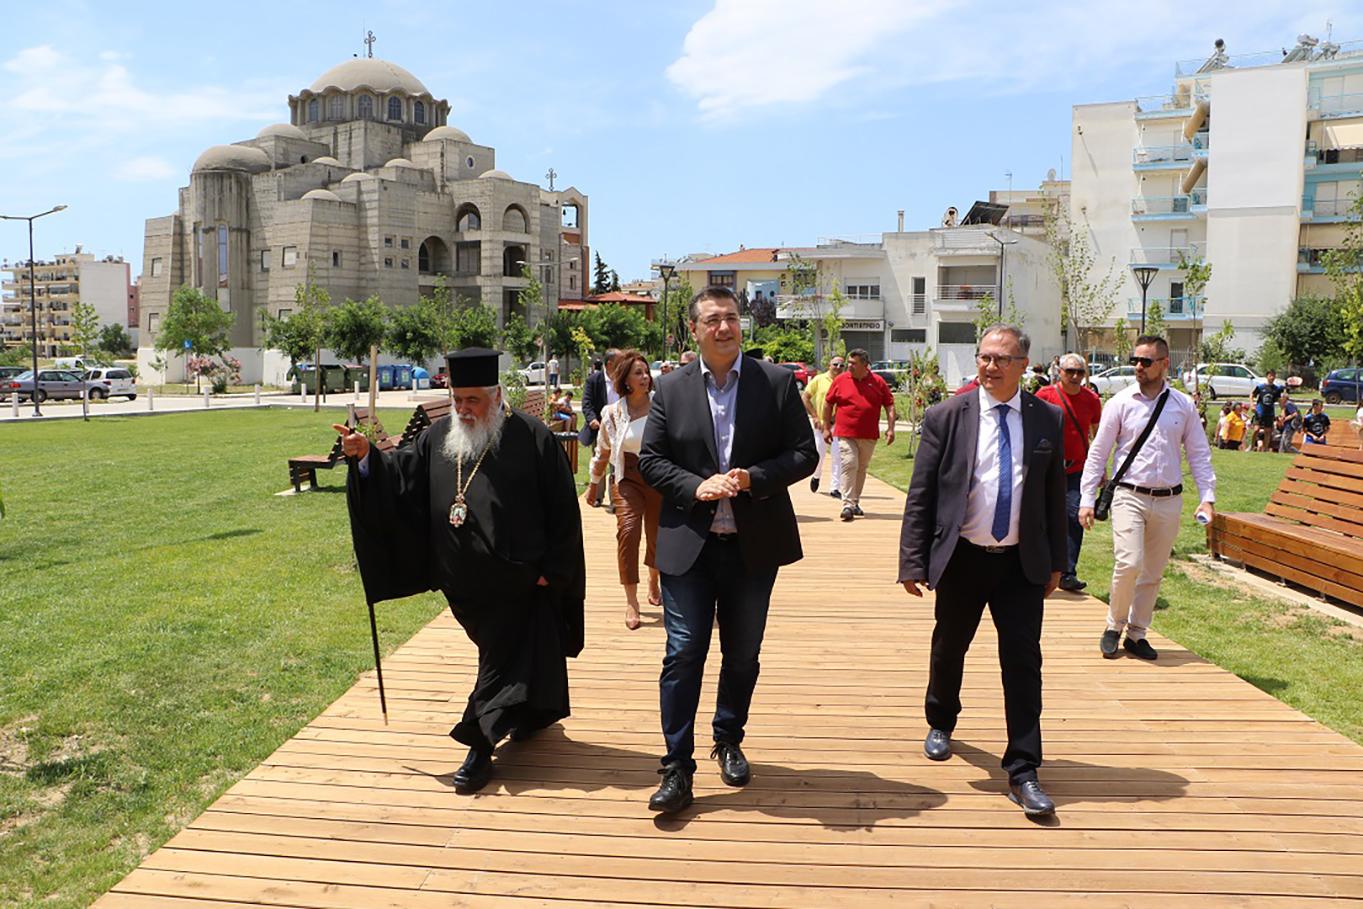 Θεσσαλονίκη: Αυτός είναι ο πυρήνας πρασίνου στα δυτικά της πόλης! Εγκαίνια από τον Απόστολο Τζιτζικώστα (Φωτό)